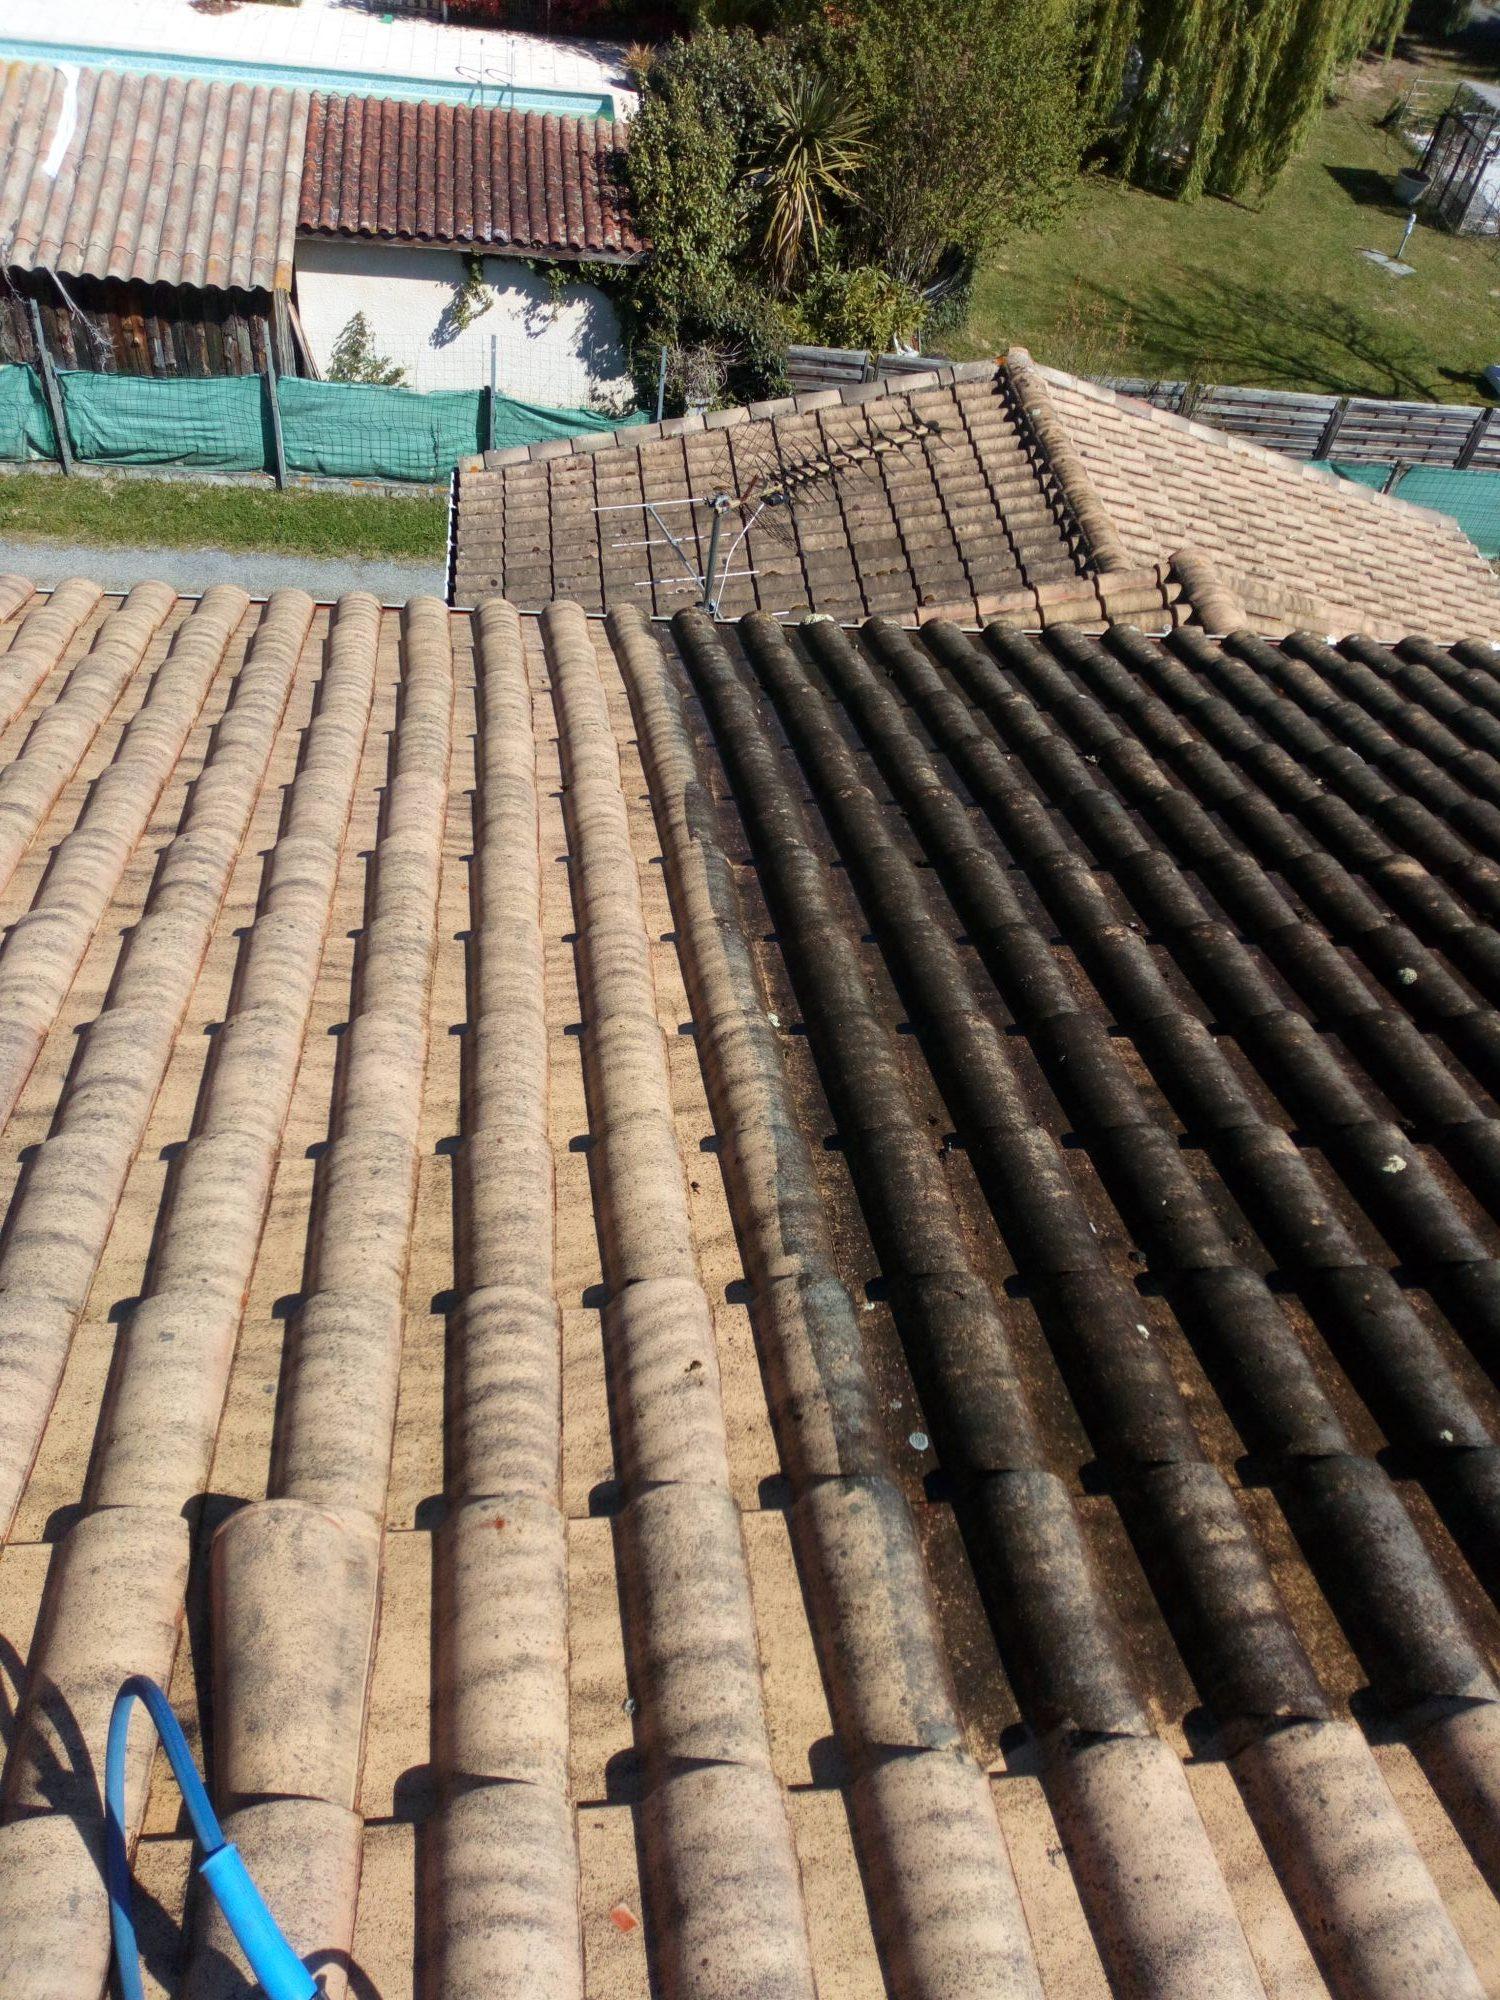 nettoyage des tuiles d'une toiture